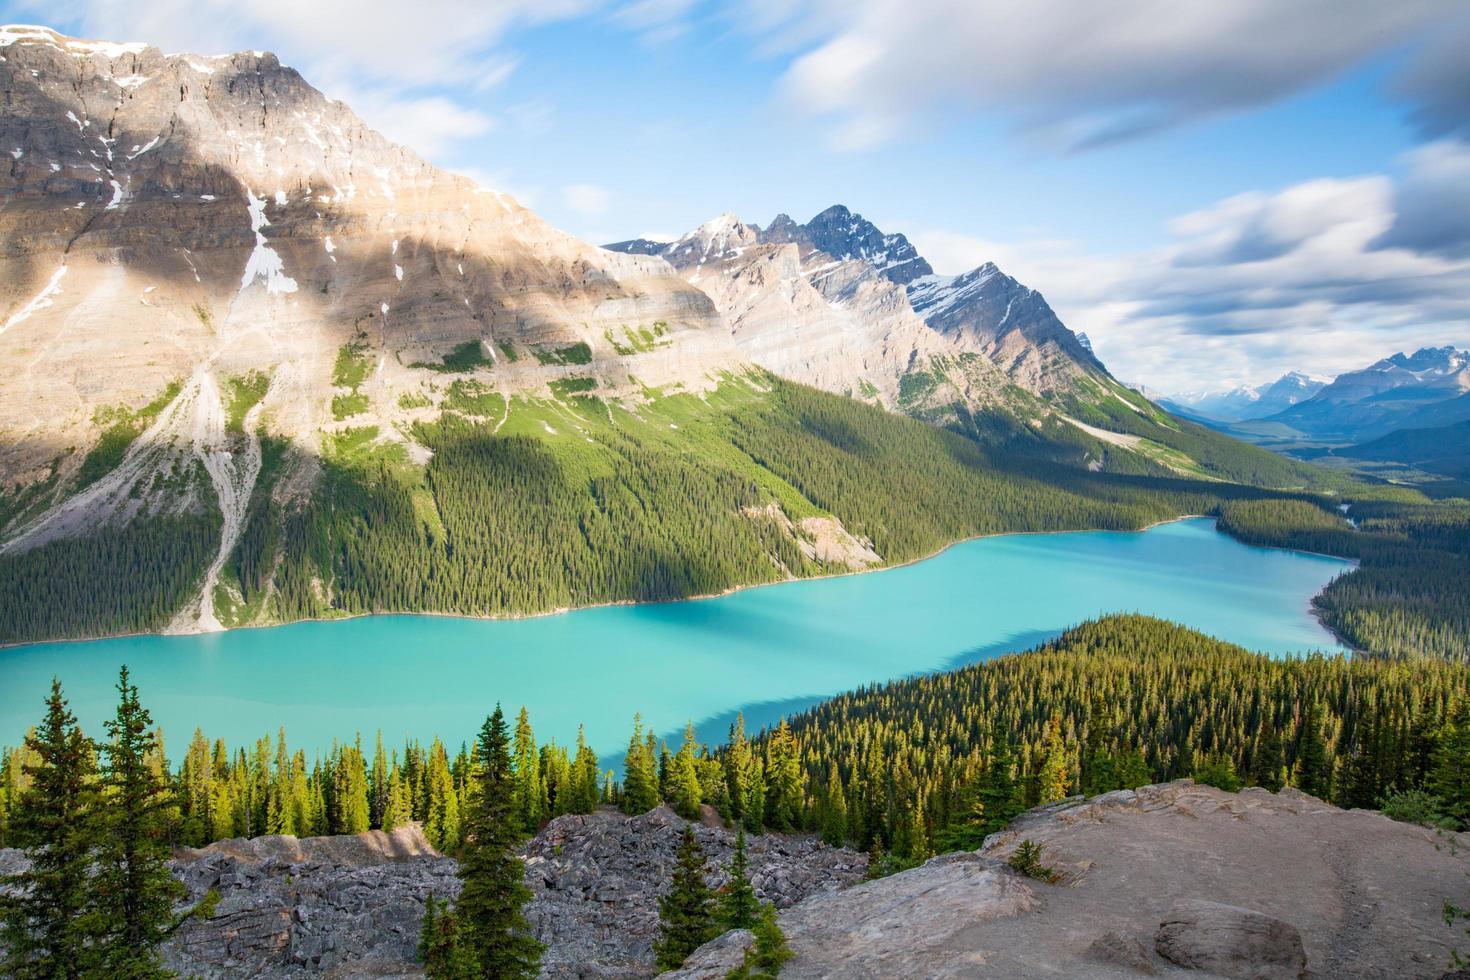 pini verdi vicino a un lago e montagne foto